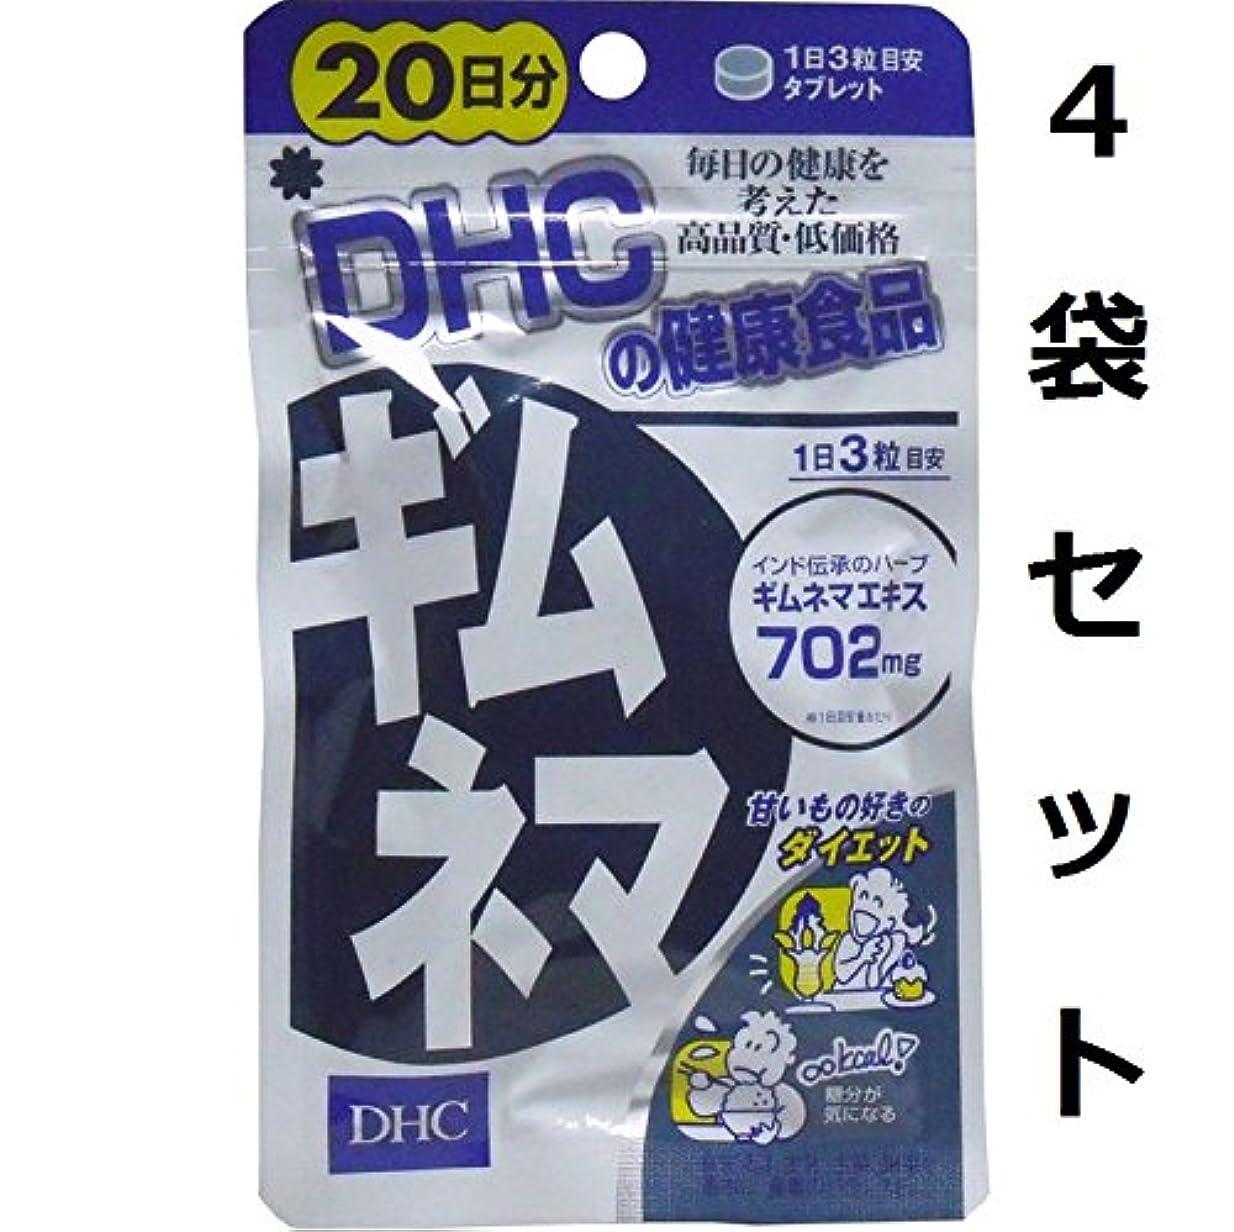 泣いている手綱トランスペアレント大好きな「甘いもの」をムダ肉にしない DHC ギムネマ 20日分 60粒 4袋セット